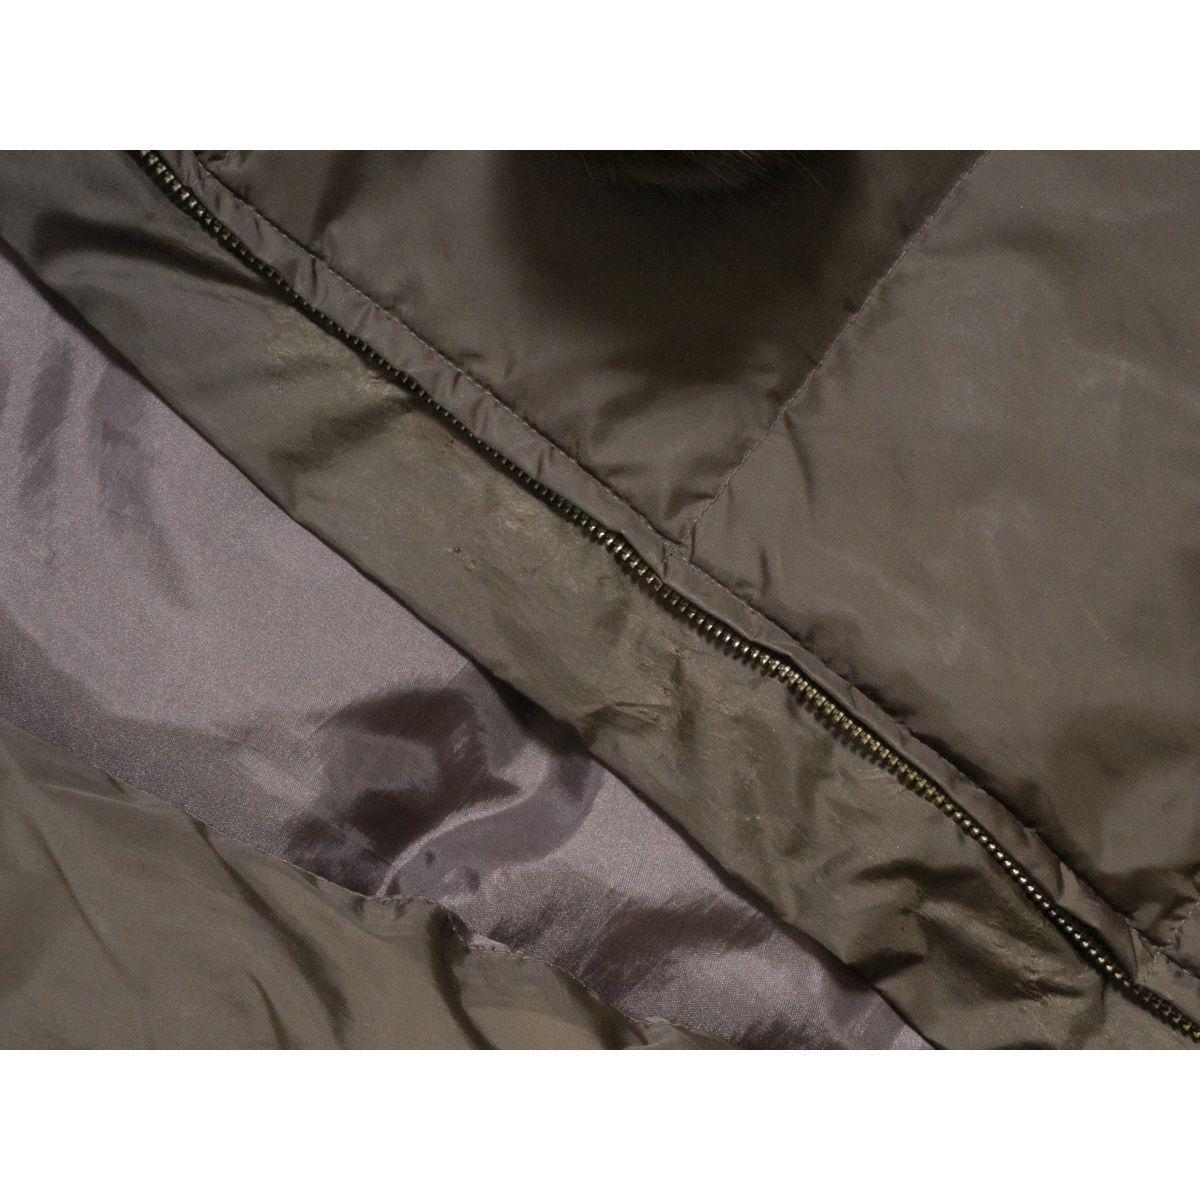 Couture brooch ダウンジャケット リアルファー ラビットファー 防寒 ジャンパー カジュアル かわいい クチュールブローチ 38 カーキ_画像3